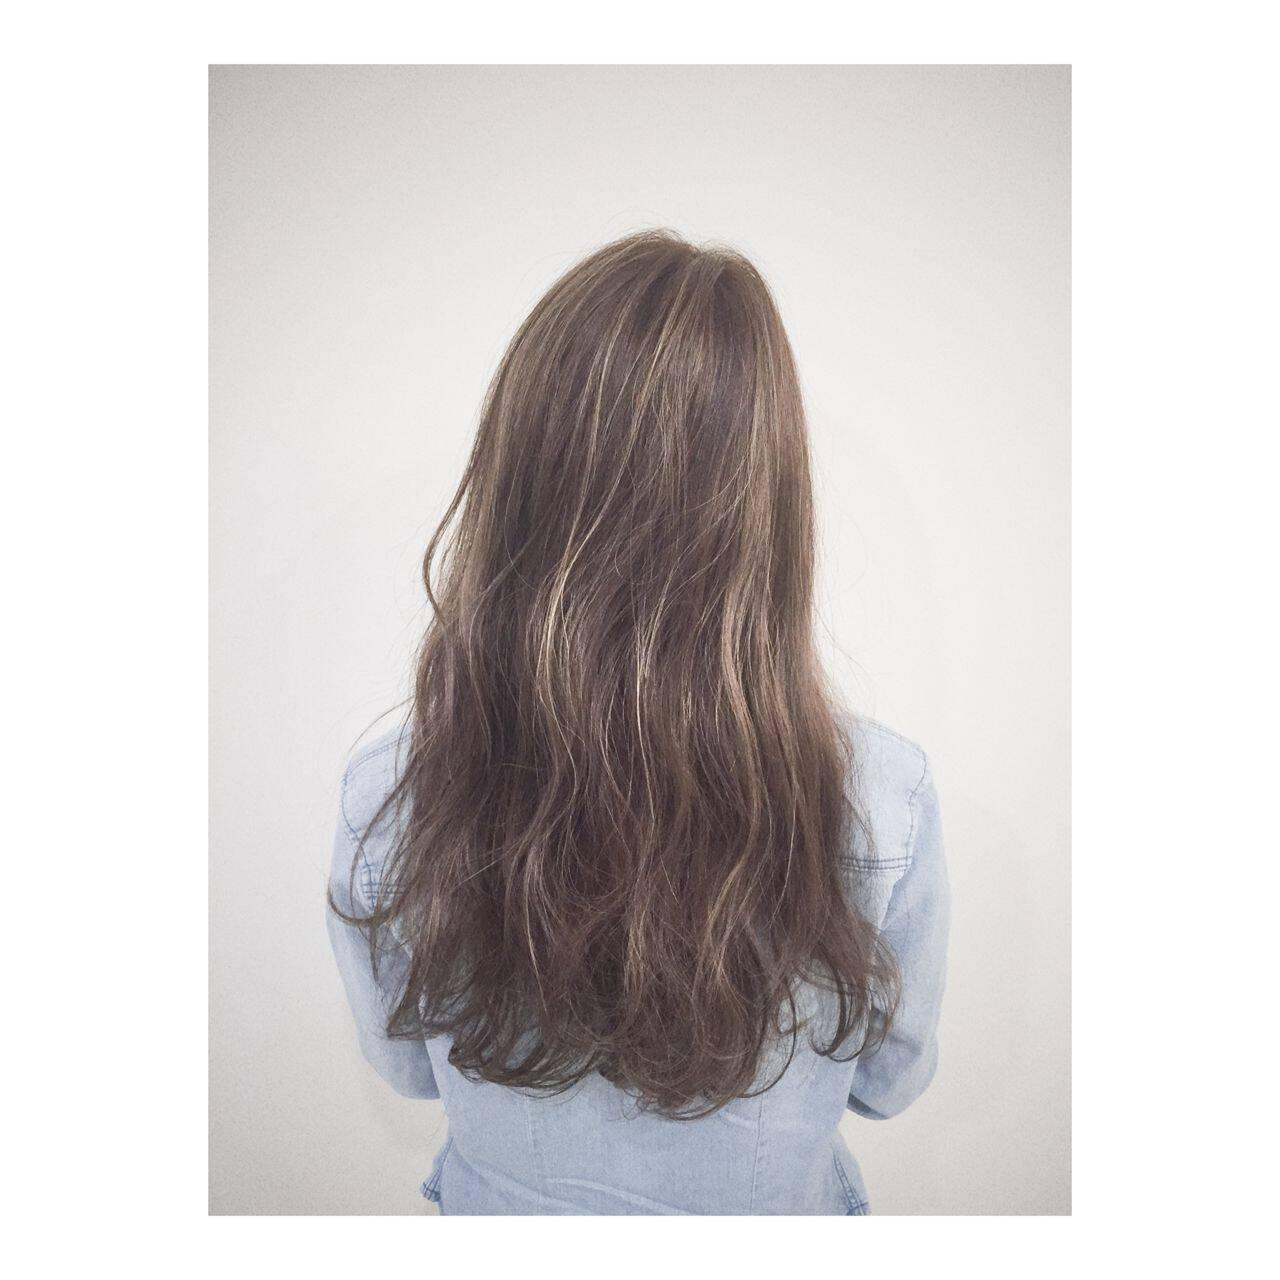 マルサラ 大人かわいい ストリート ロングヘアスタイルや髪型の写真・画像